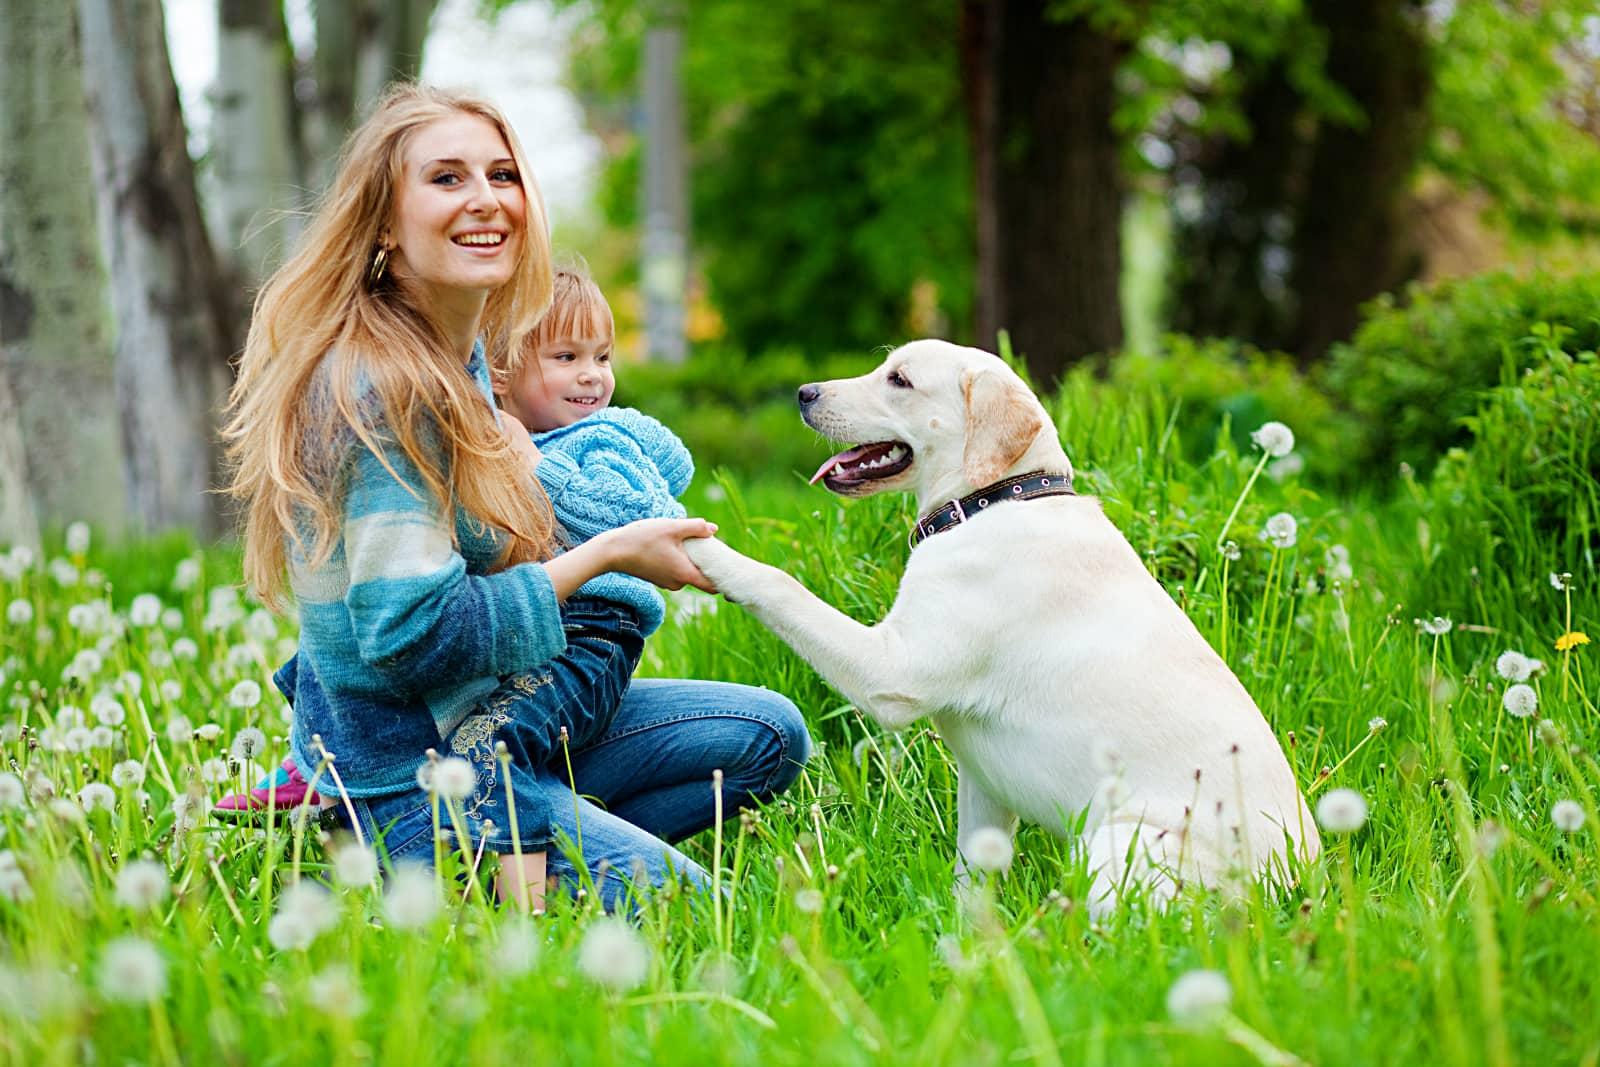 vrouw met kind op schoot geeft poot aan witte hond in bos